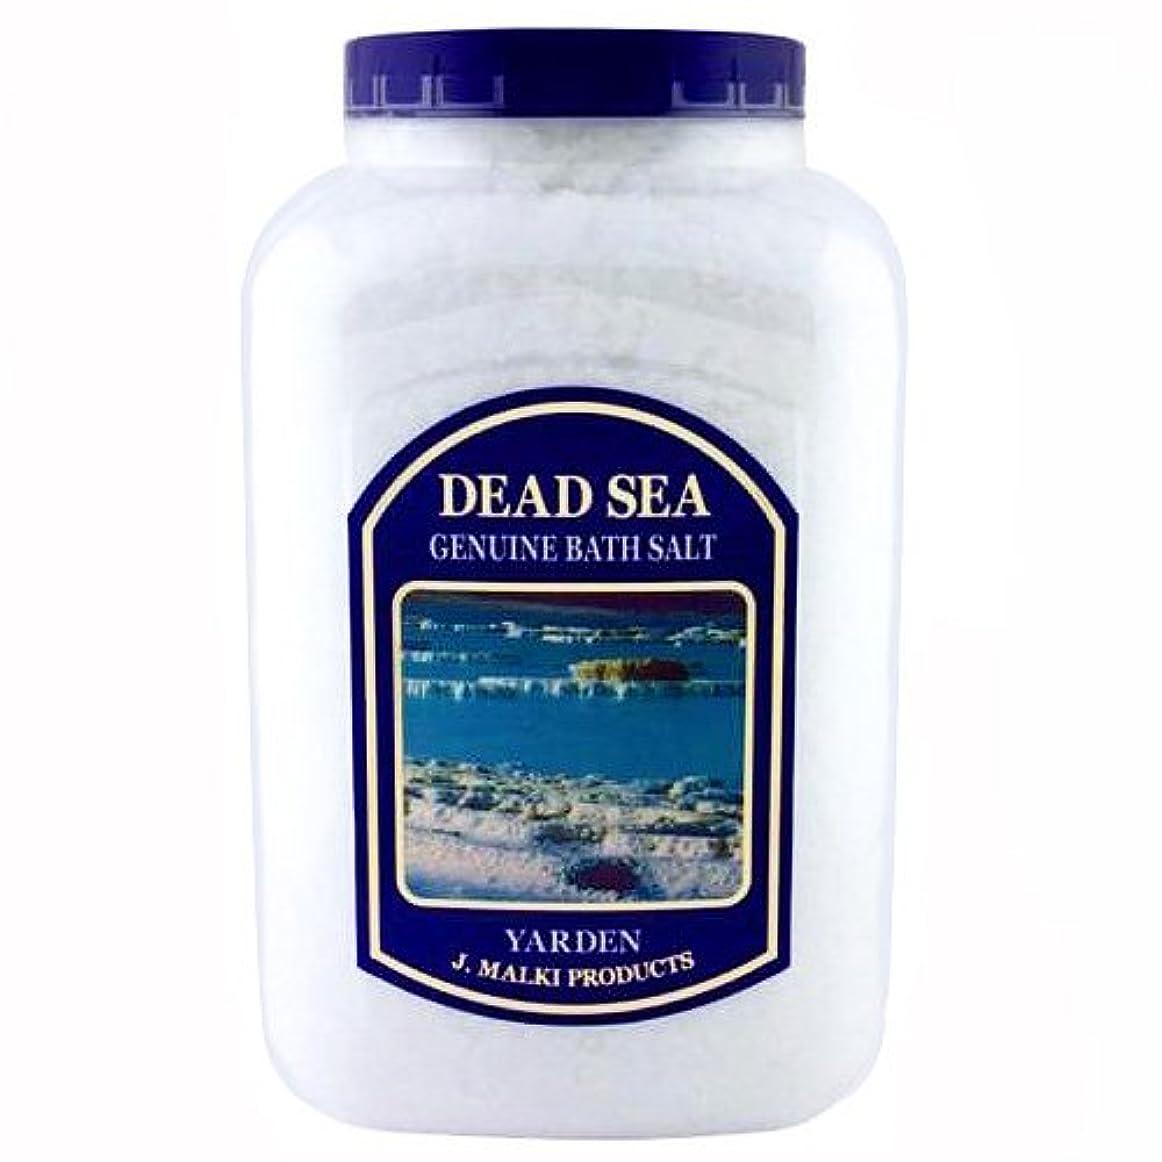 消毒剤損失労苦デッドシー?バスソルト 4.5kg(約45回分)【DEAD SEA BATH SALT】死海の塩/入浴剤(入浴用化粧品)【正規販売店】